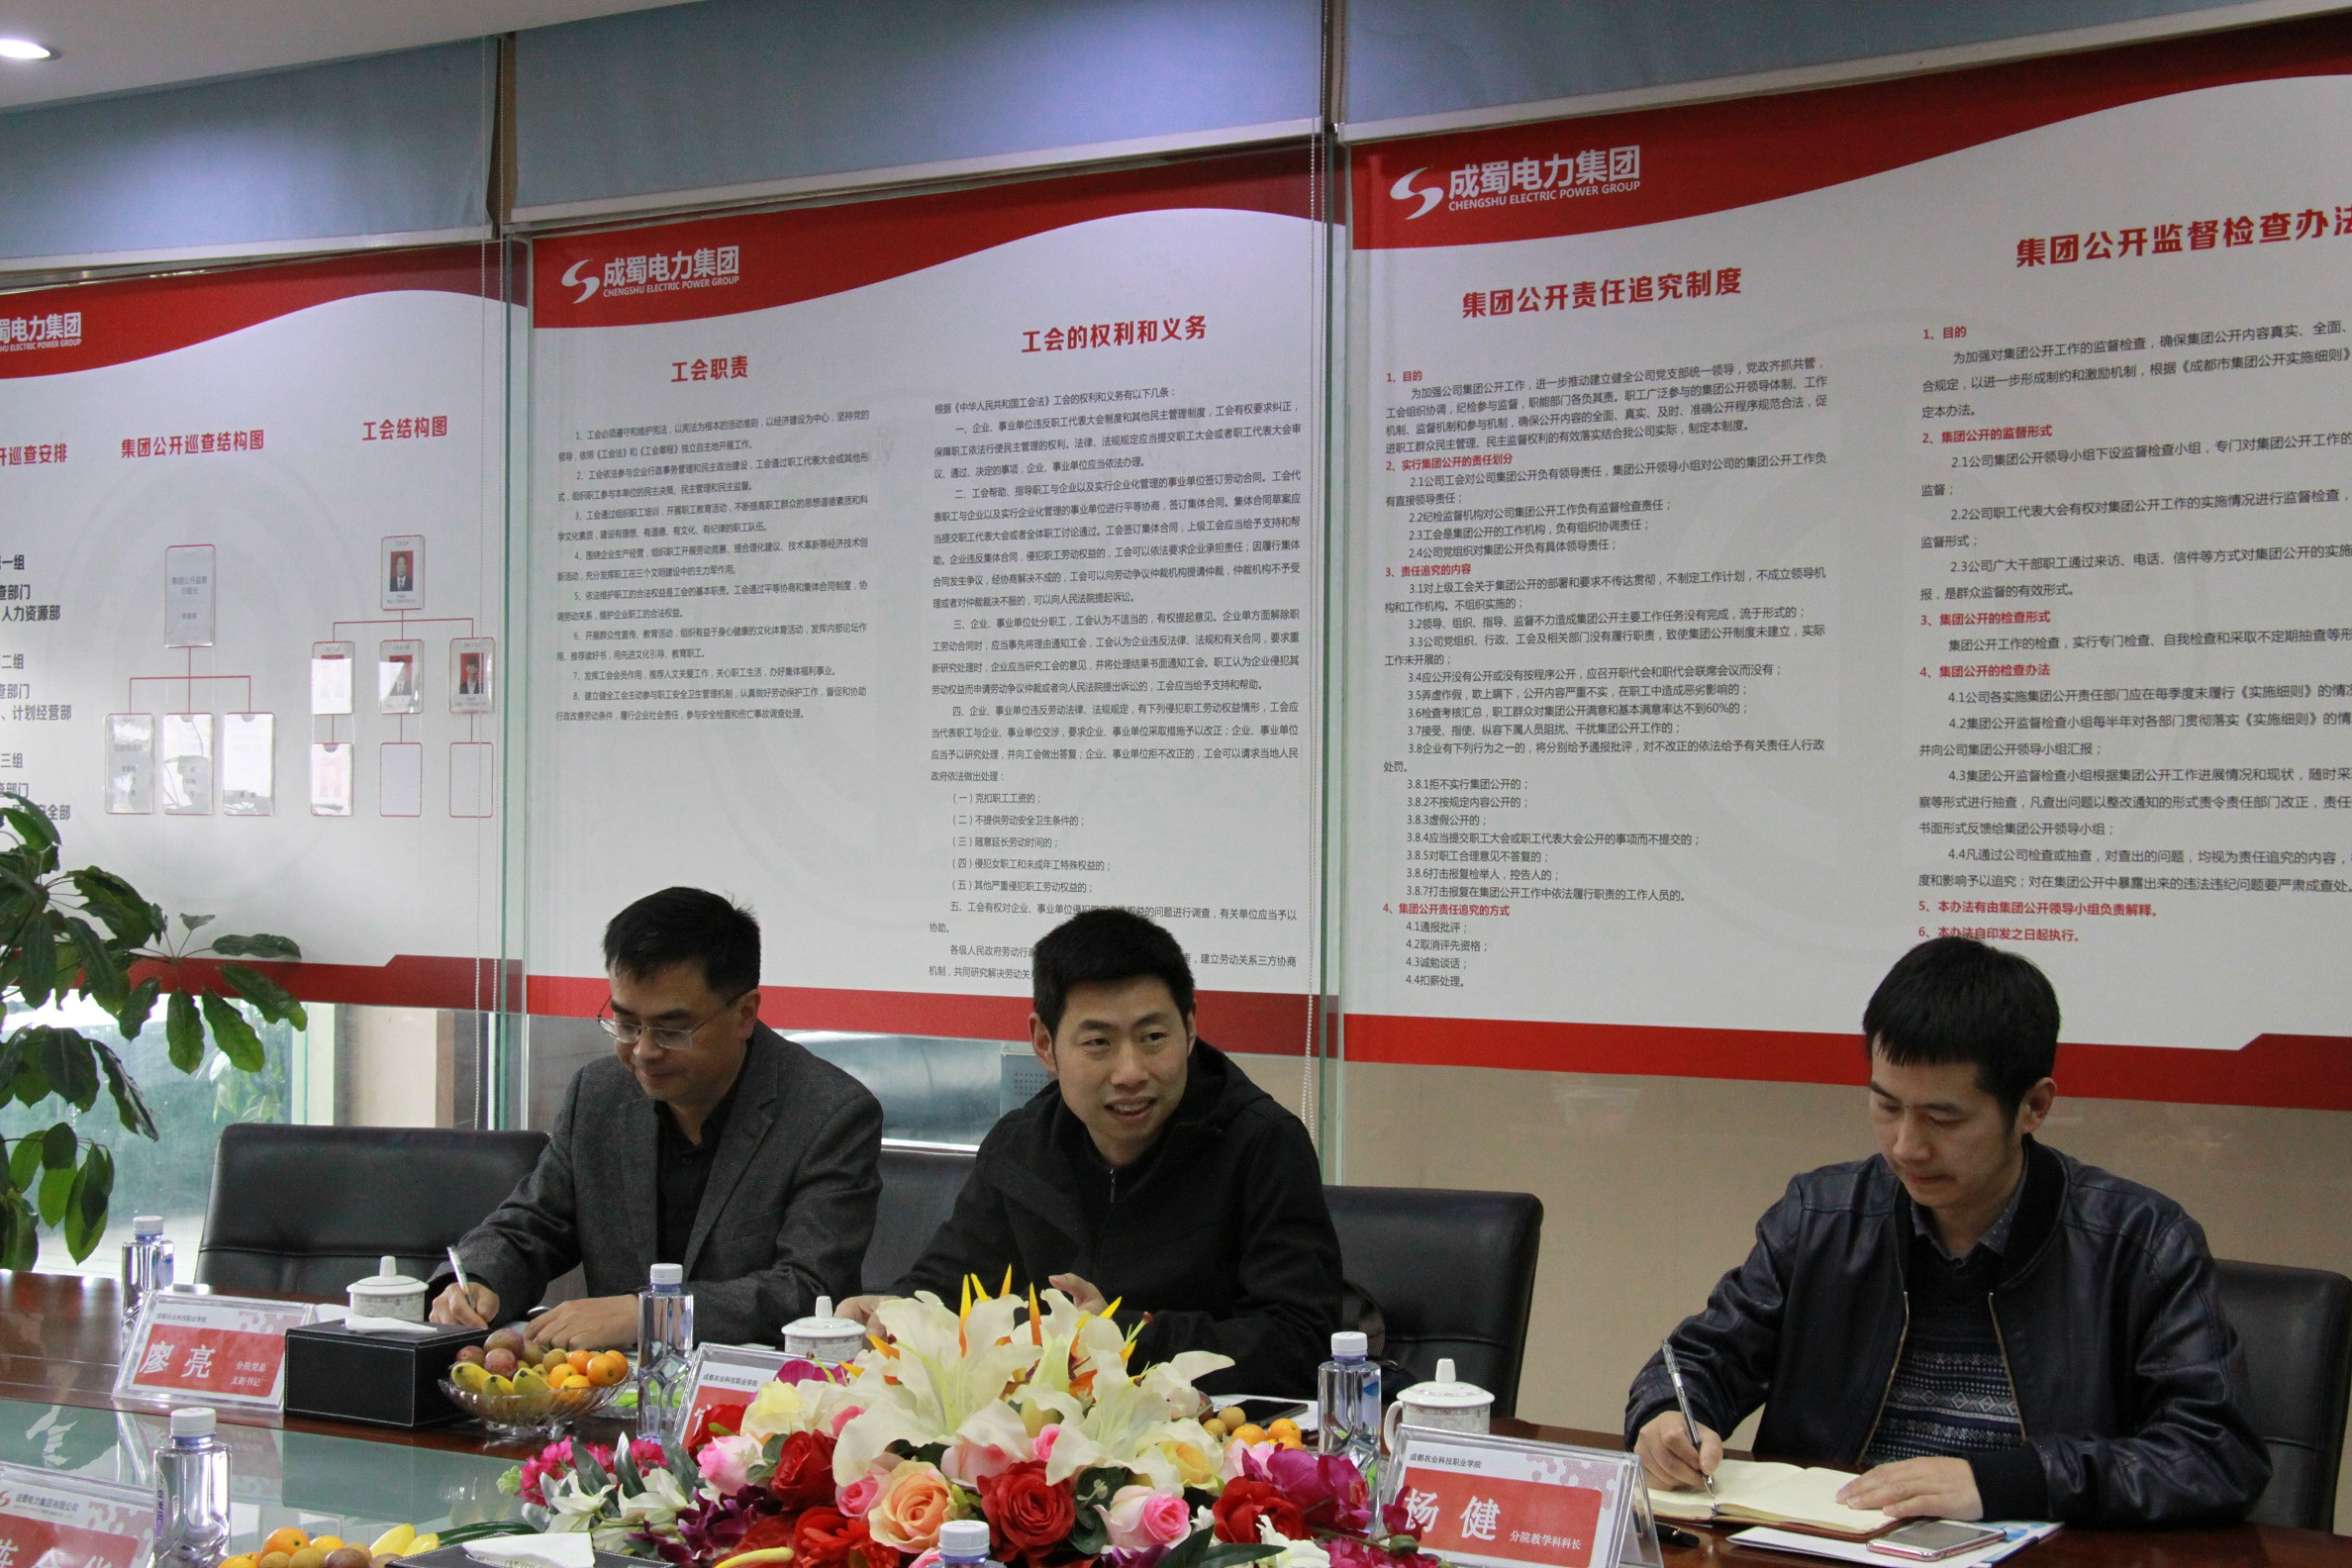 成都农业科技职业学院机电技术分院领导来司考察交流